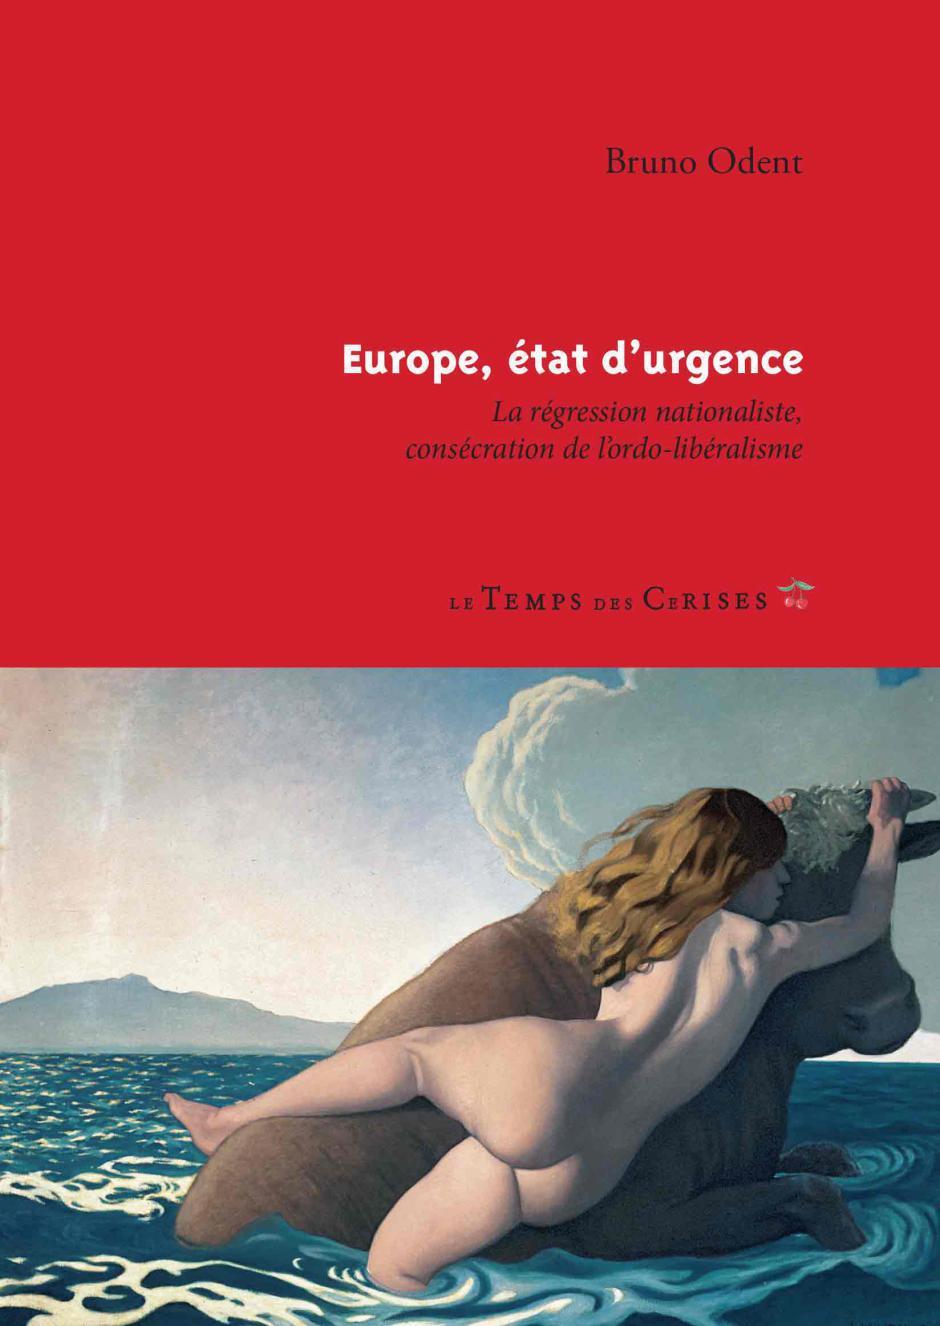 Europe, état d'urgence. La régression nationaliste, consécration de l'ordolibéralisme - Bruno Odent